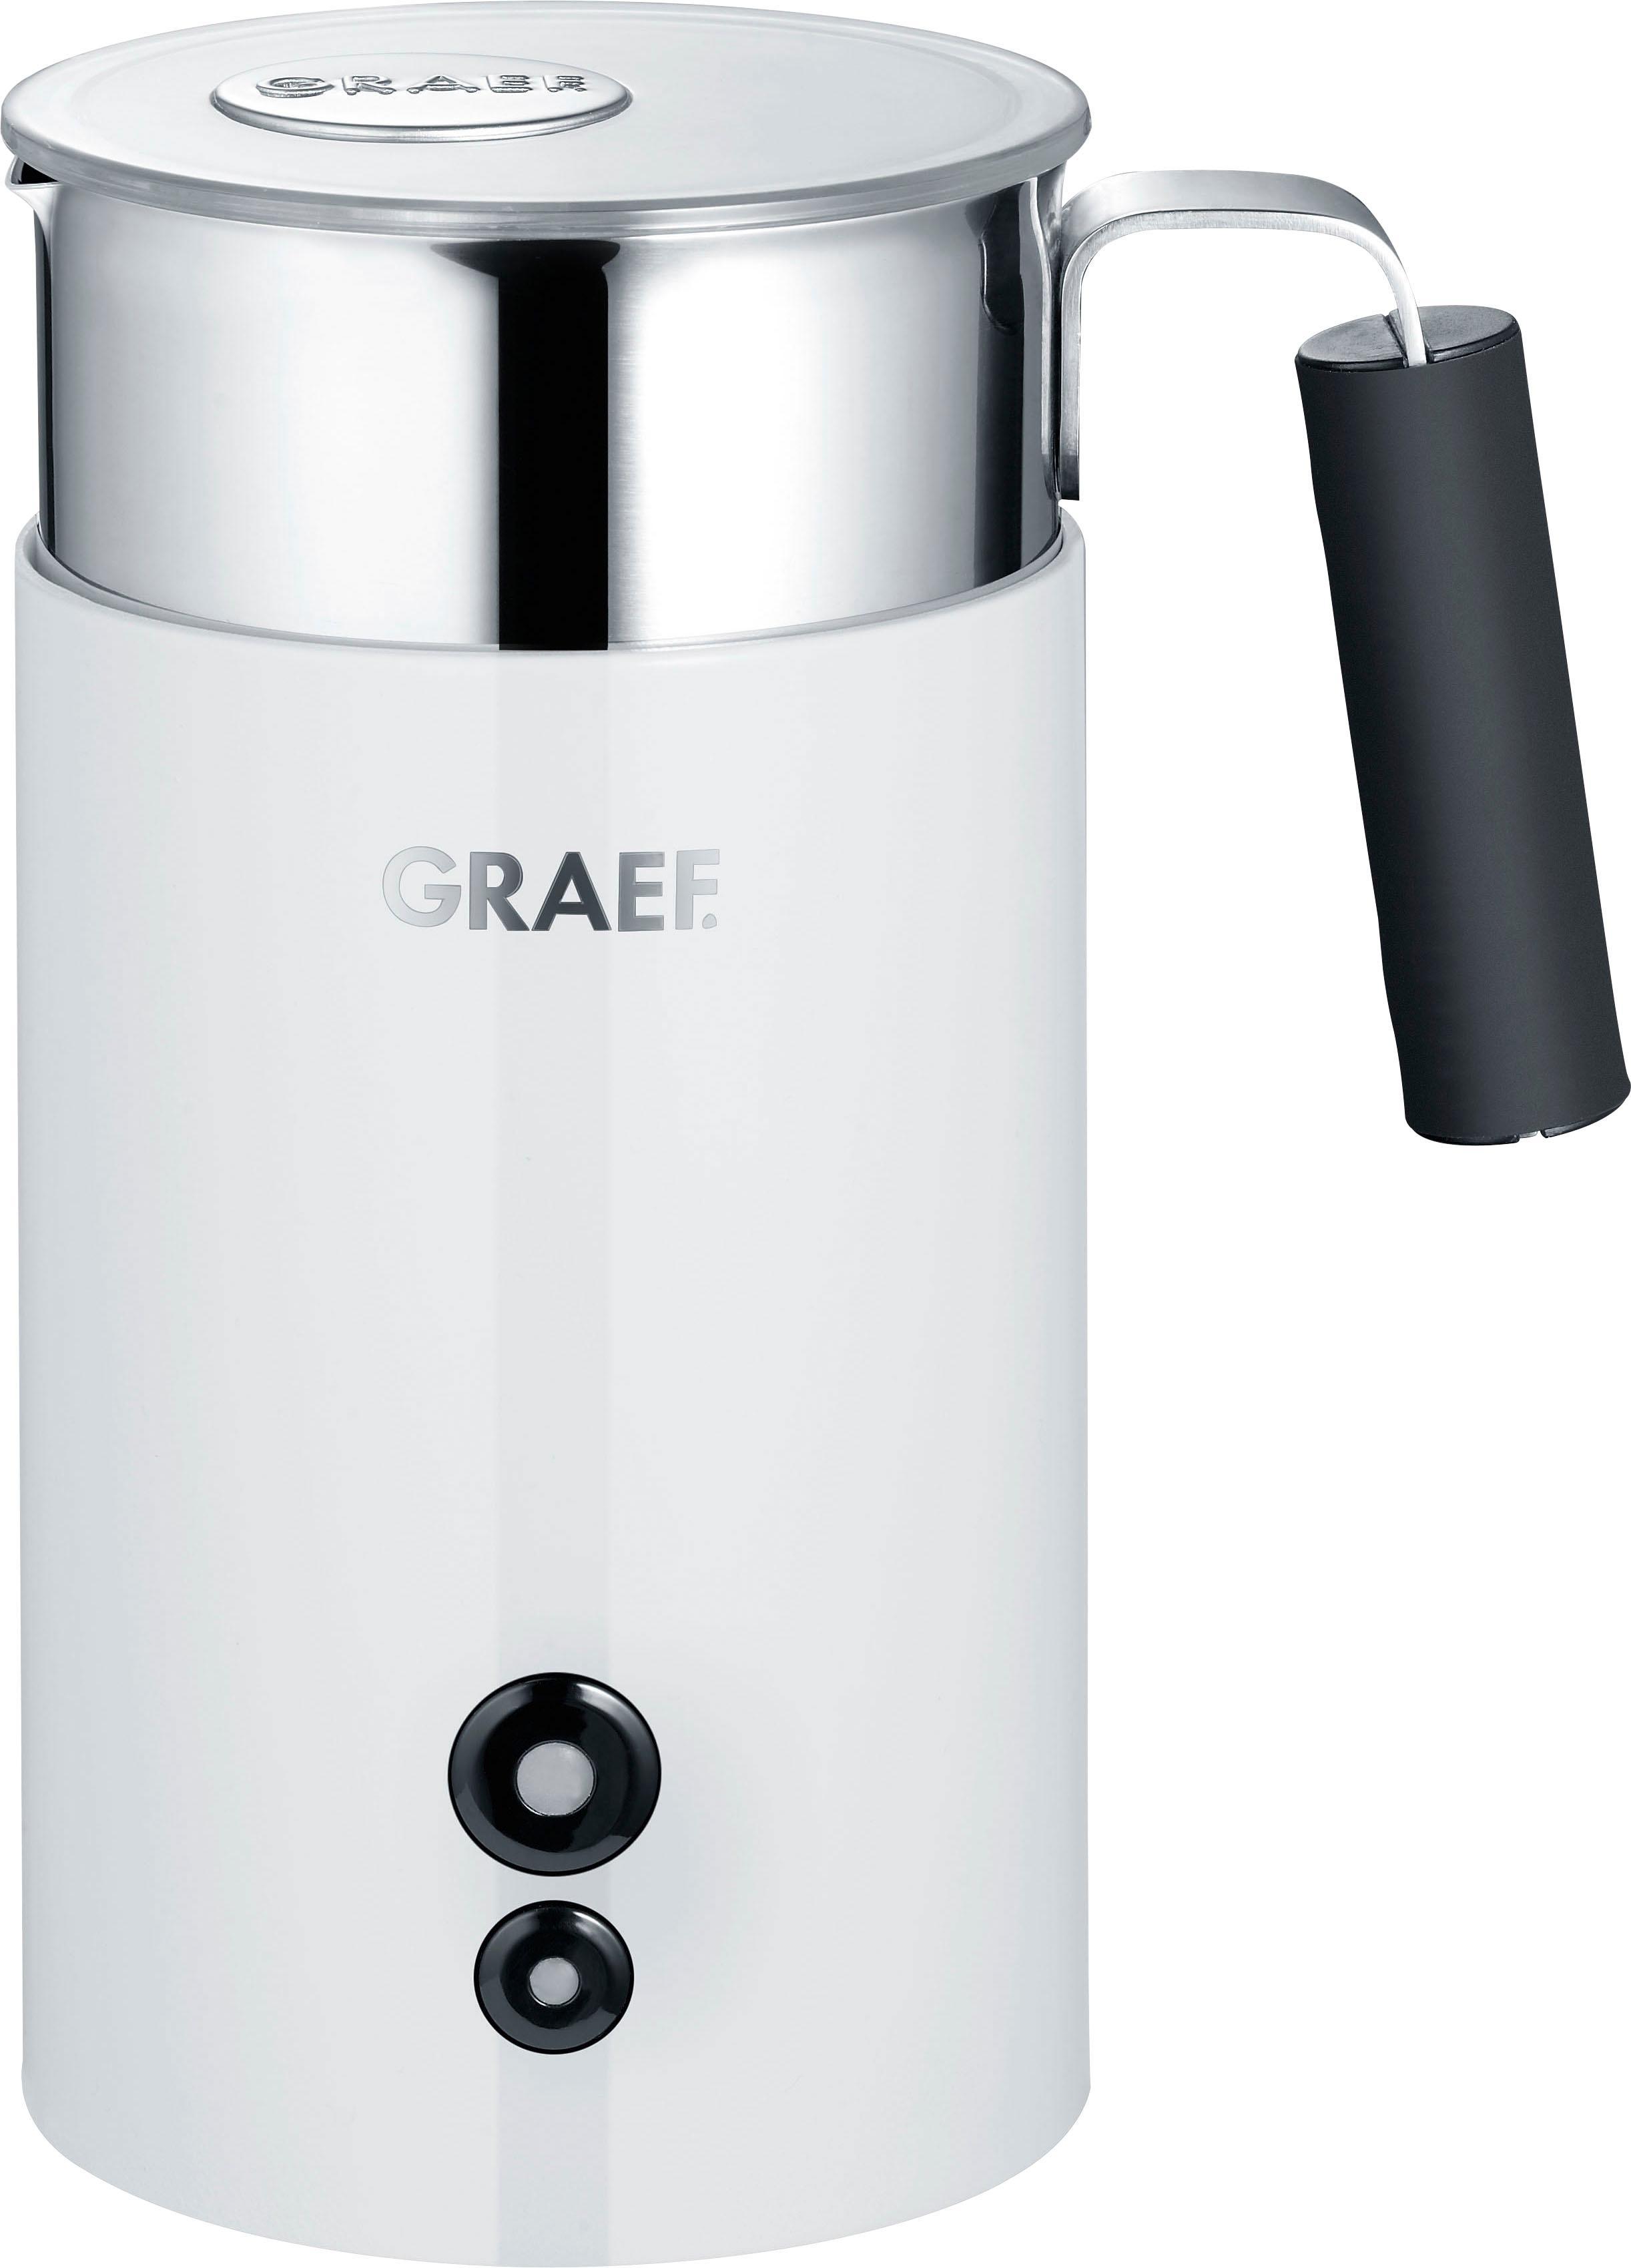 Graef Milchaufschäumer MS 701, weiß | Küche und Esszimmer > Kaffee und Tee > Milchaufschäumer | Graef